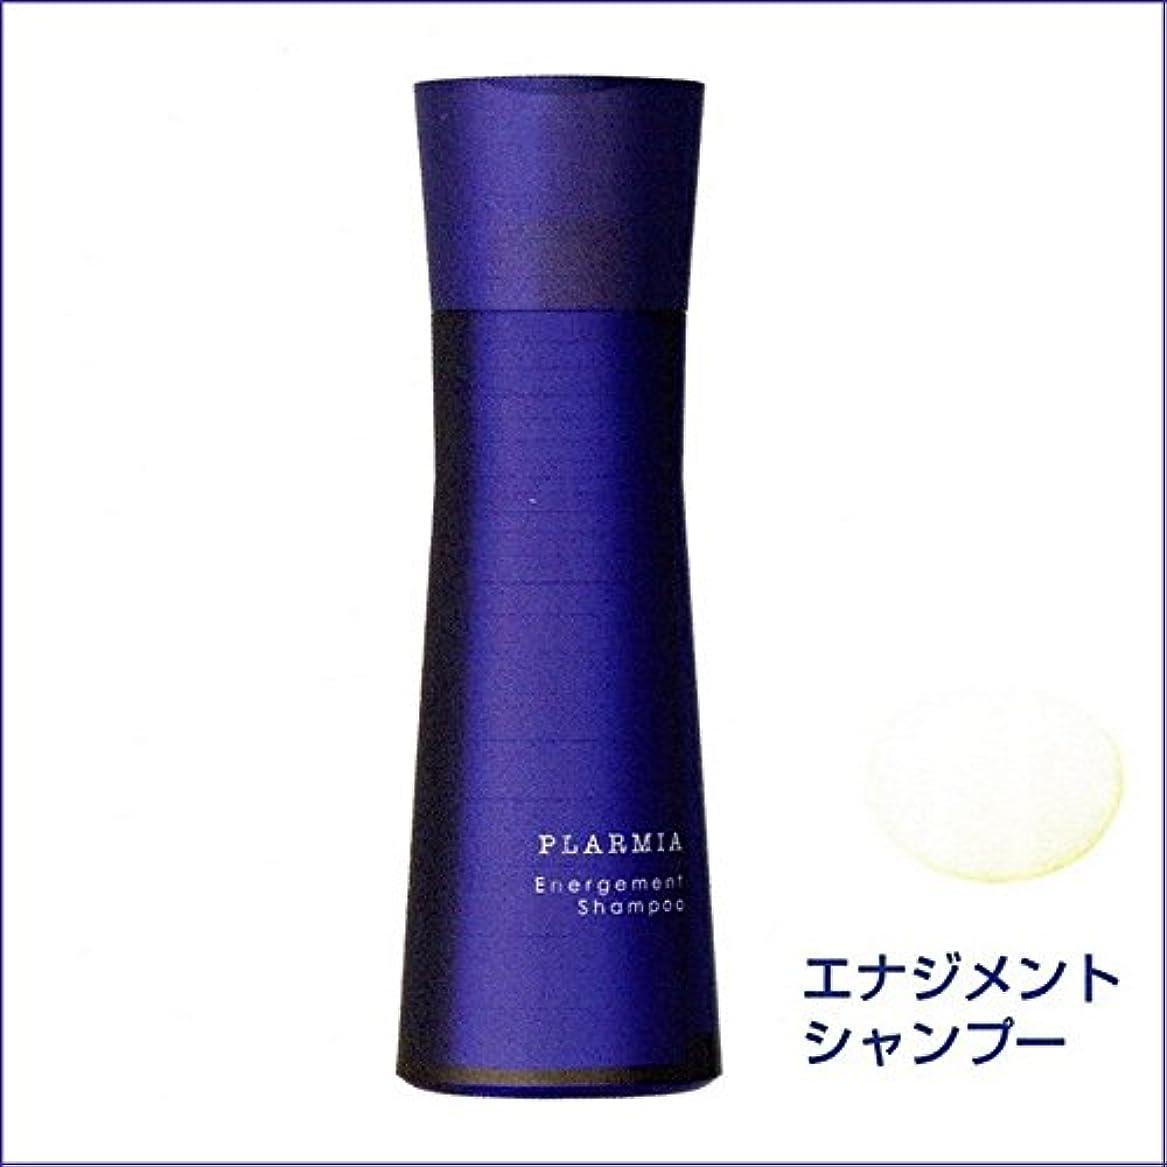 秘書マッサージ勝者プラーミア エナジメント シャンプー 200ml